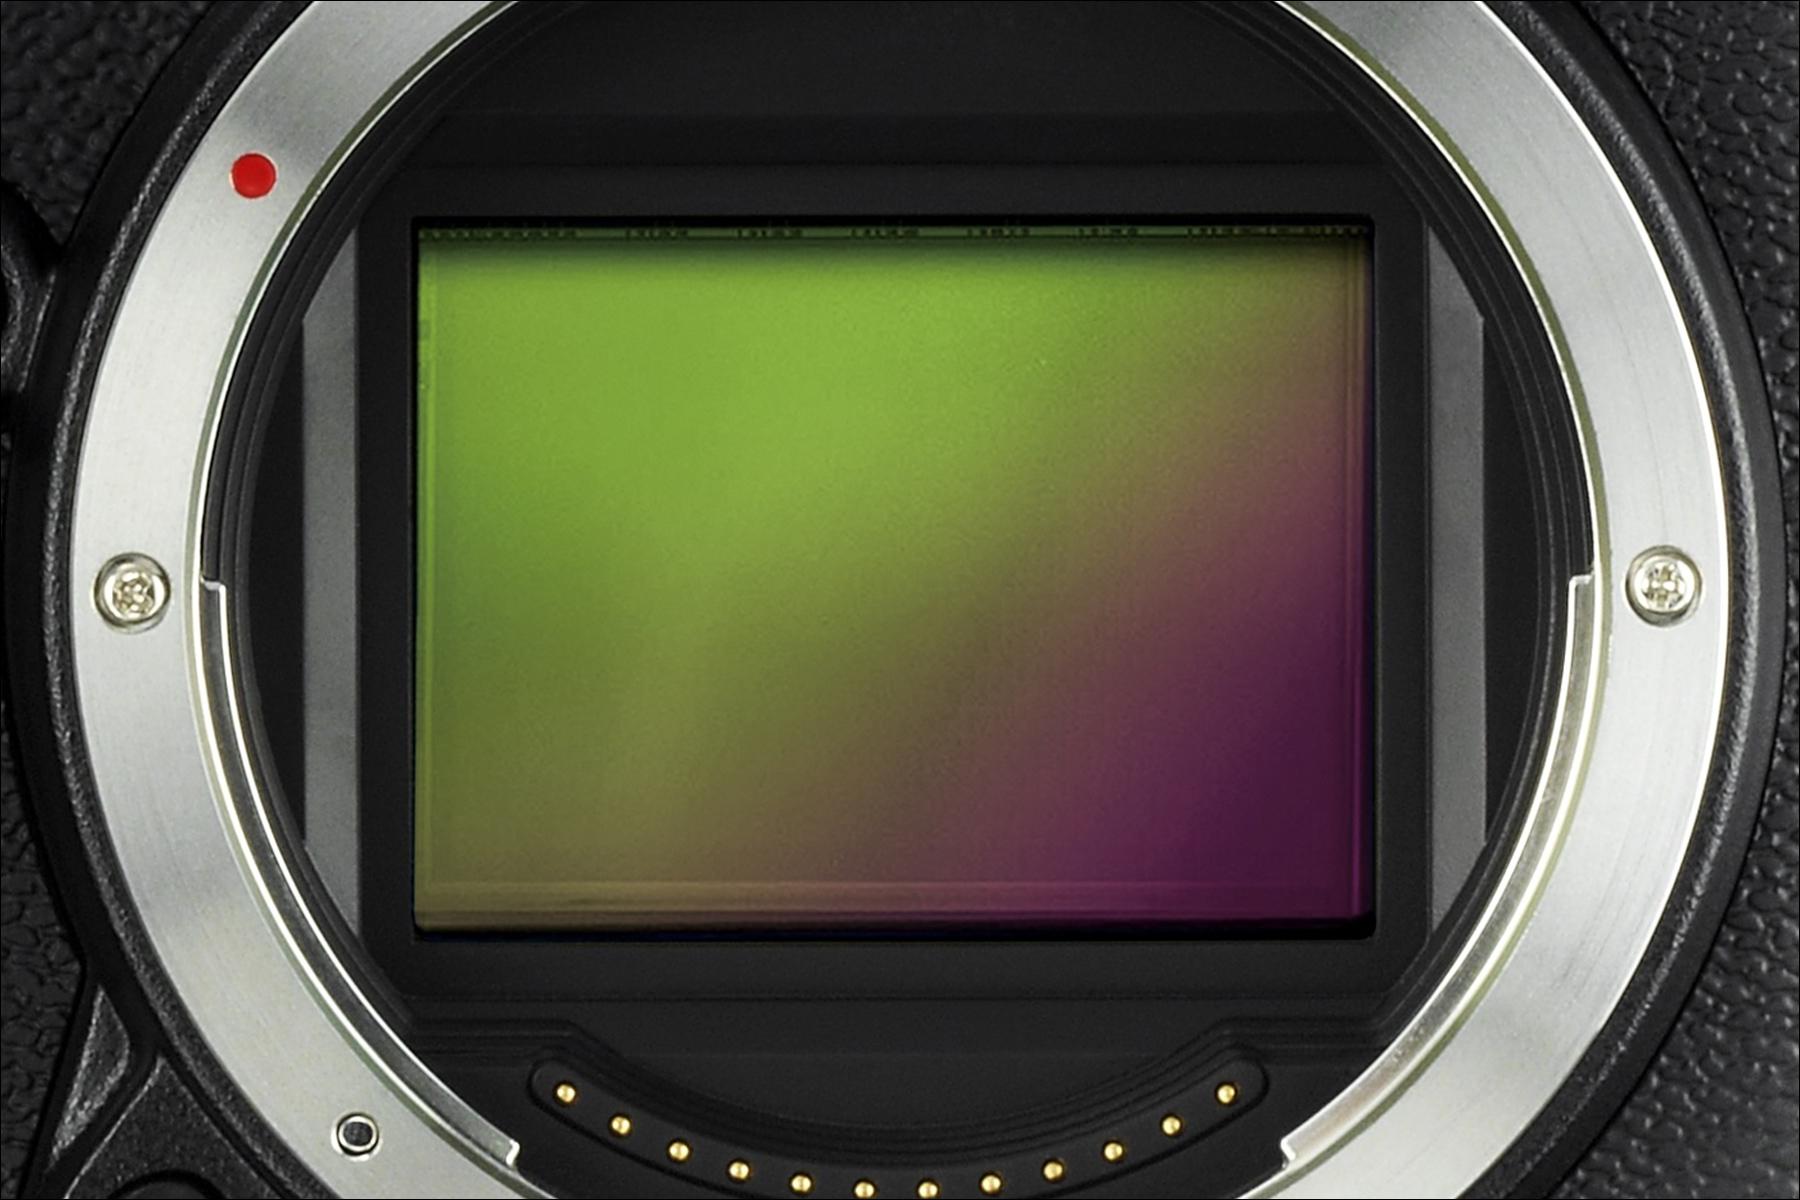 интерьера необычного тип матриц зеркальных фотоаппаратов типография предлагает